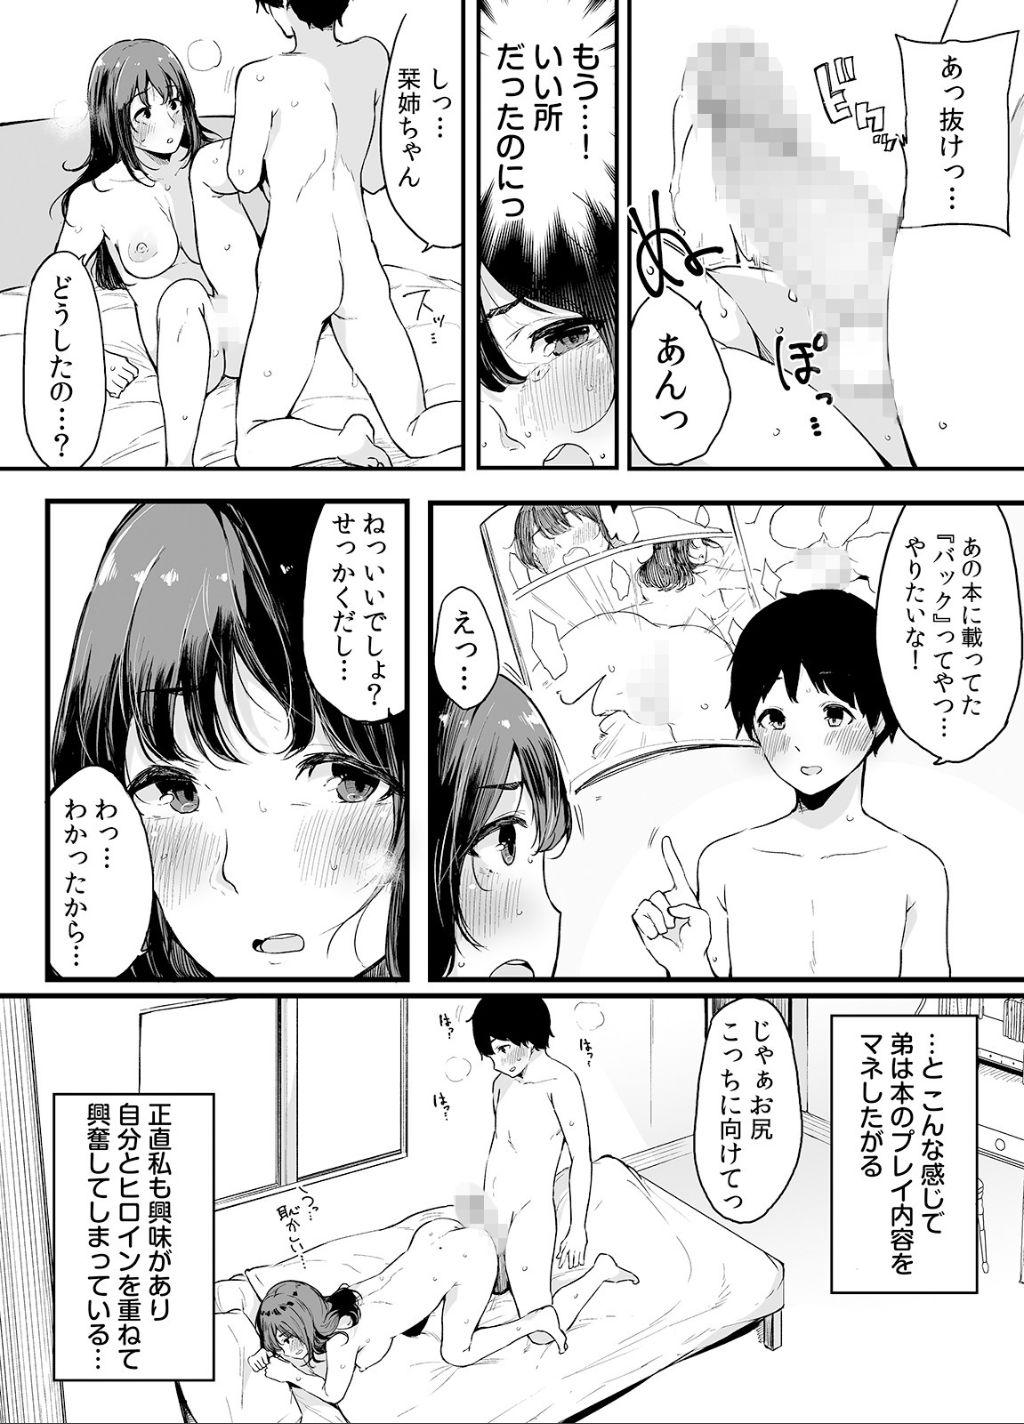 Otouto ni Ero Manga to Onaji Koto o Sare Chau o Nee-chan no Hanashi 2 32